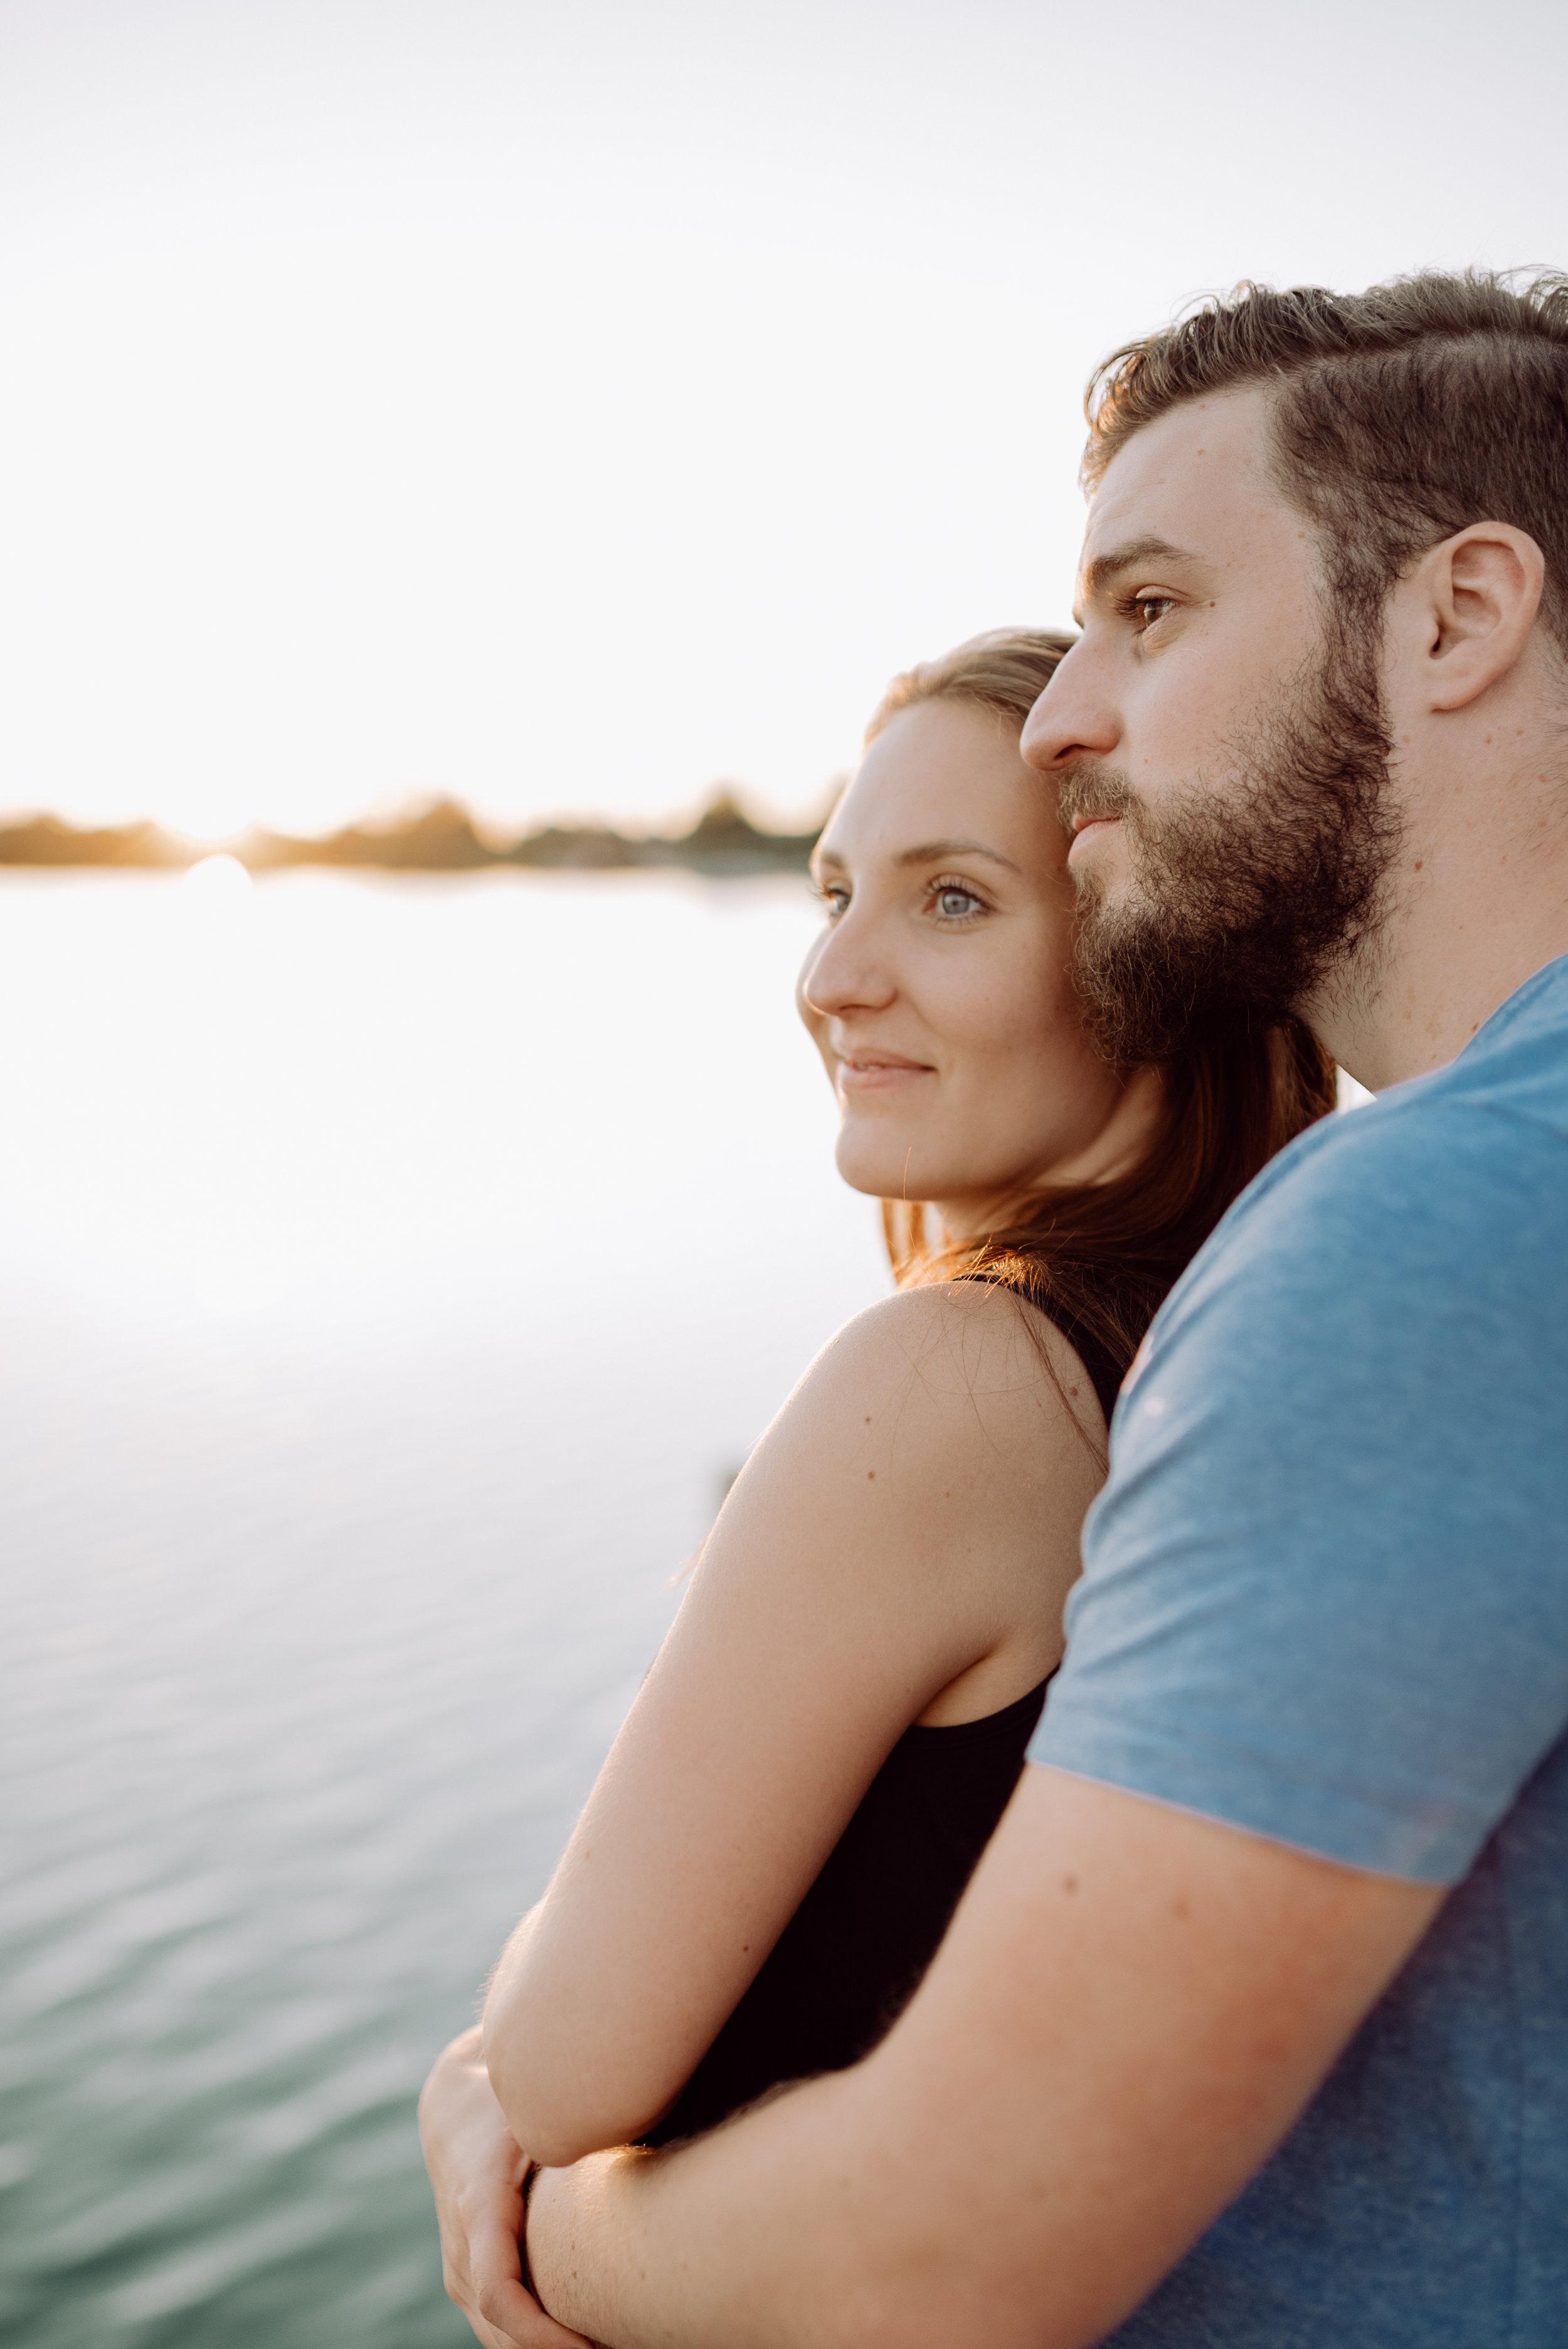 PAAR SHOOTING - Lebendige und vertraute Fotos von Euch als Paar.Nehmt mich mit zu einem Spaziergang, an einen See, oder in ein gemütliches Kaffee. Gemeinsam realisieren wir Euer ganz persönliches Foto-Shooting.Ab CHF 390.-